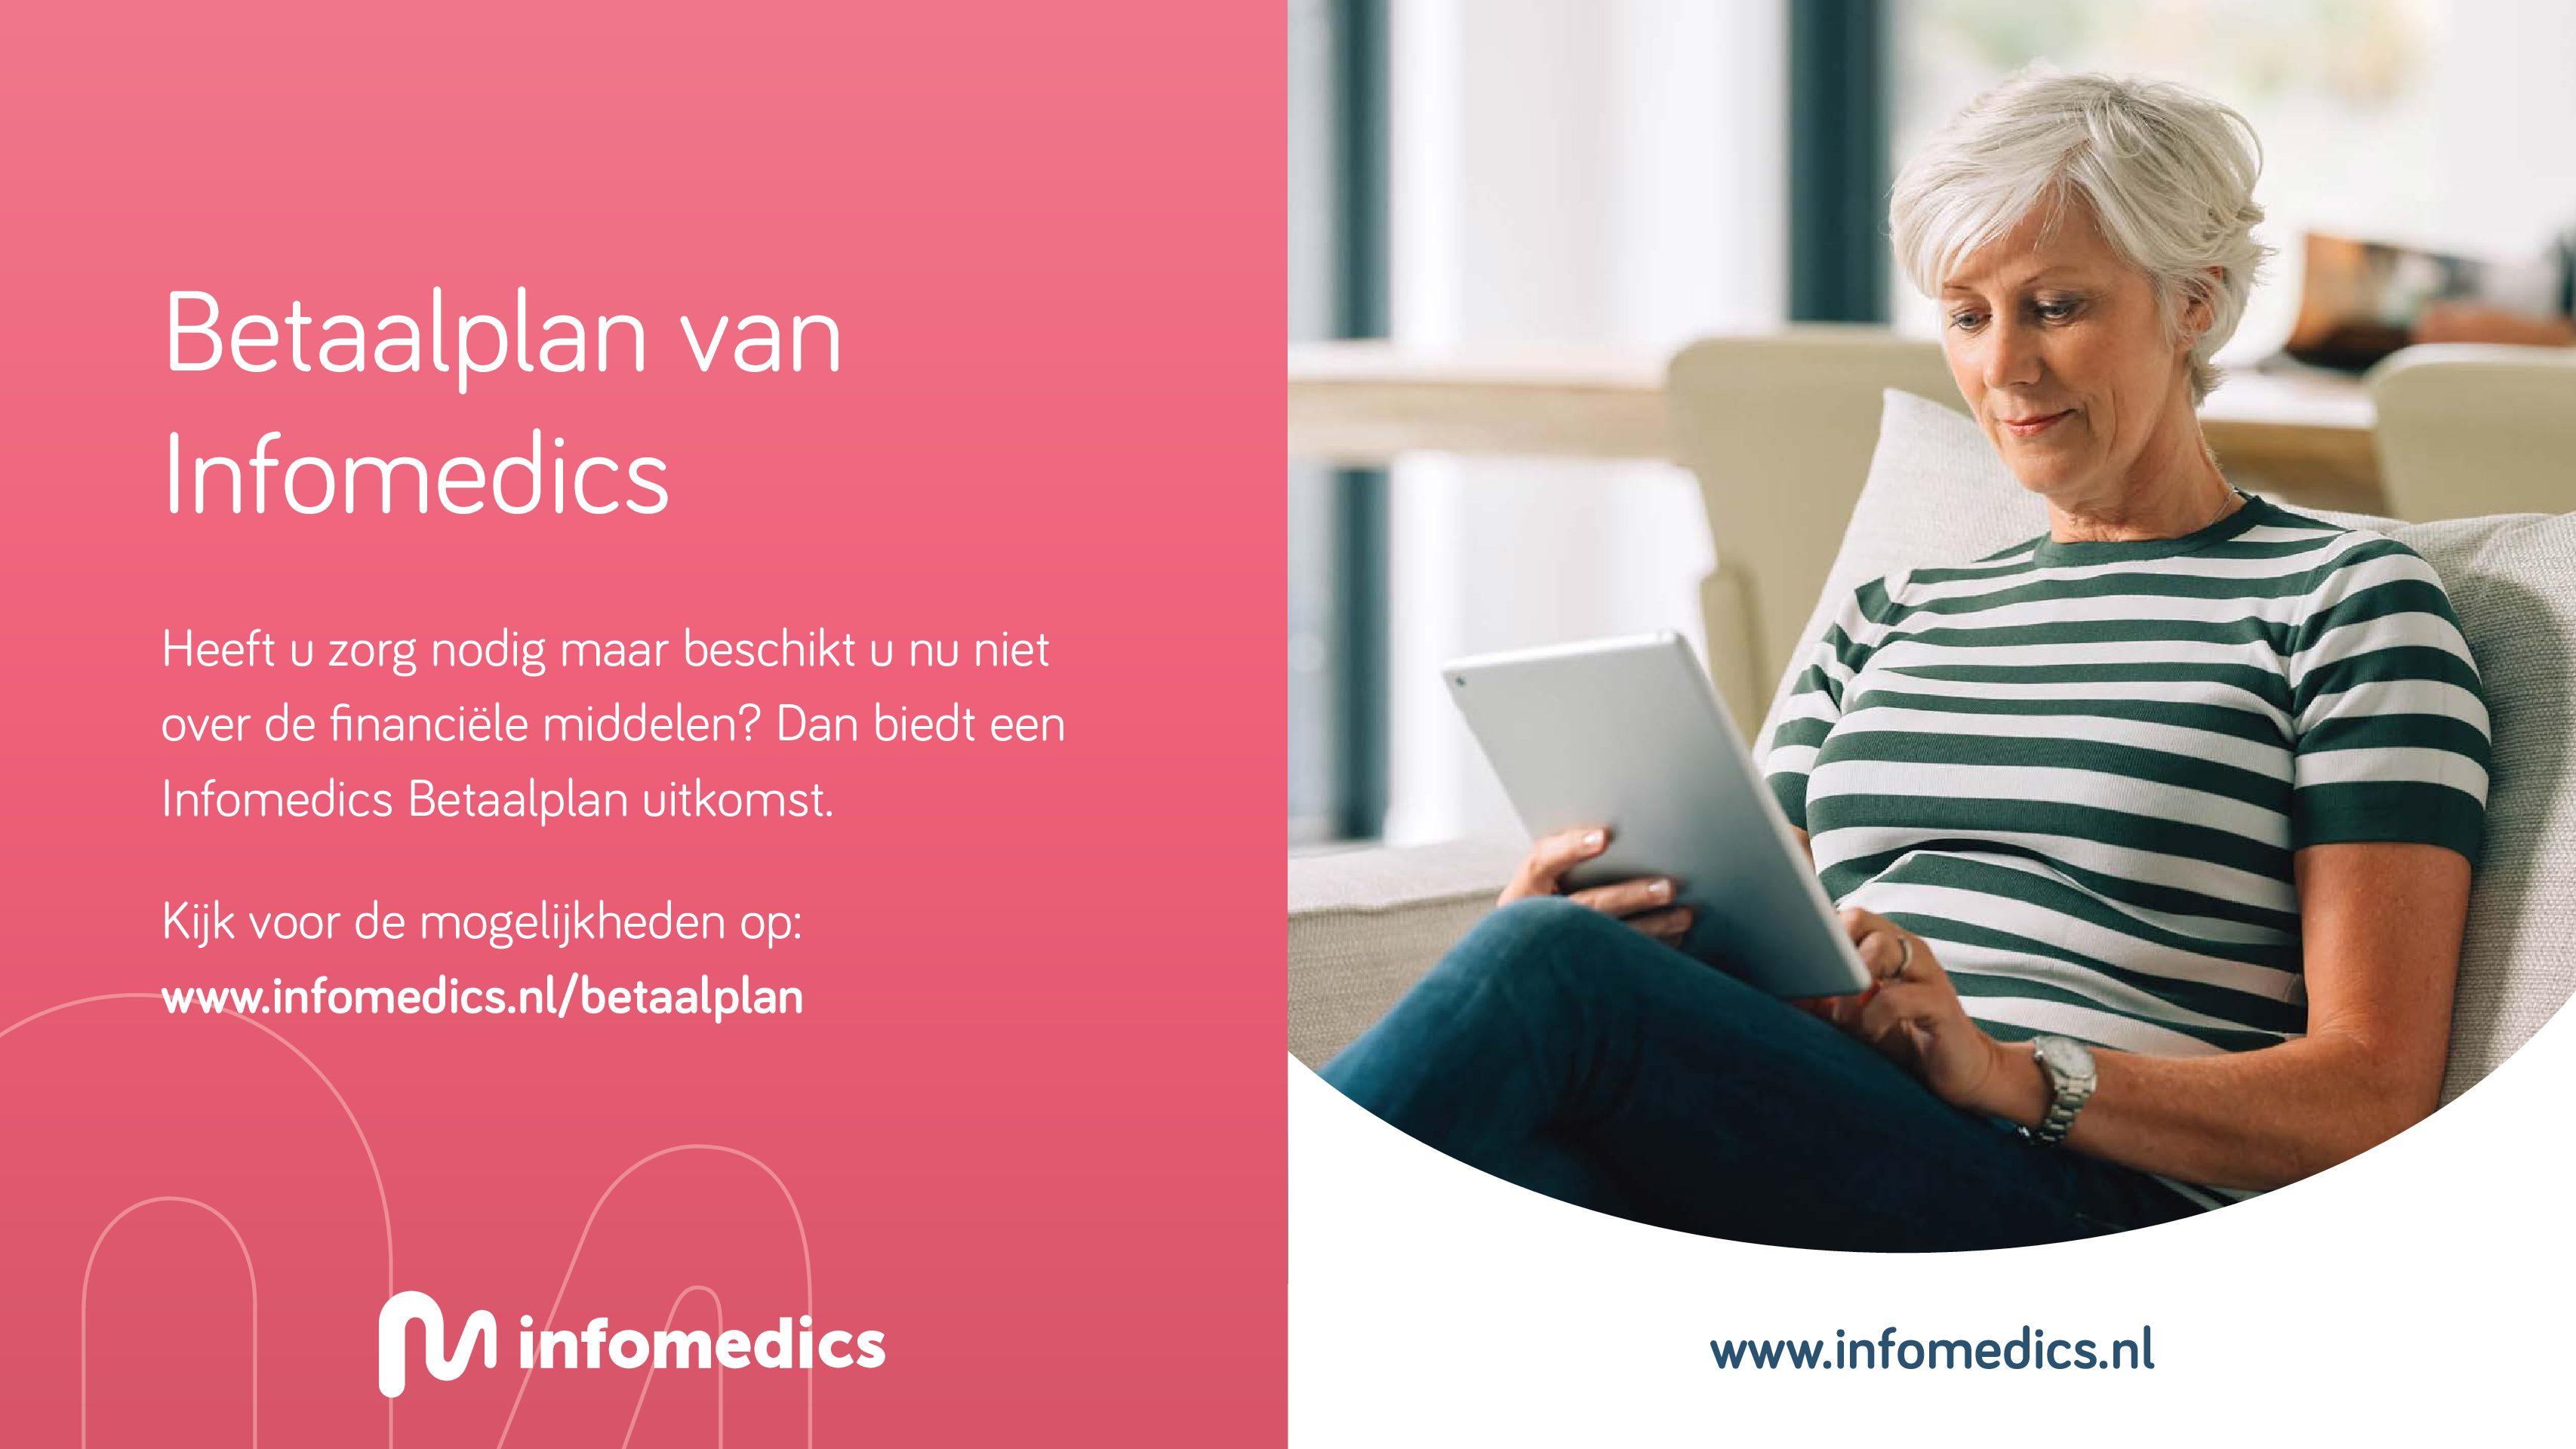 06 – Betaalplan van Infomedics